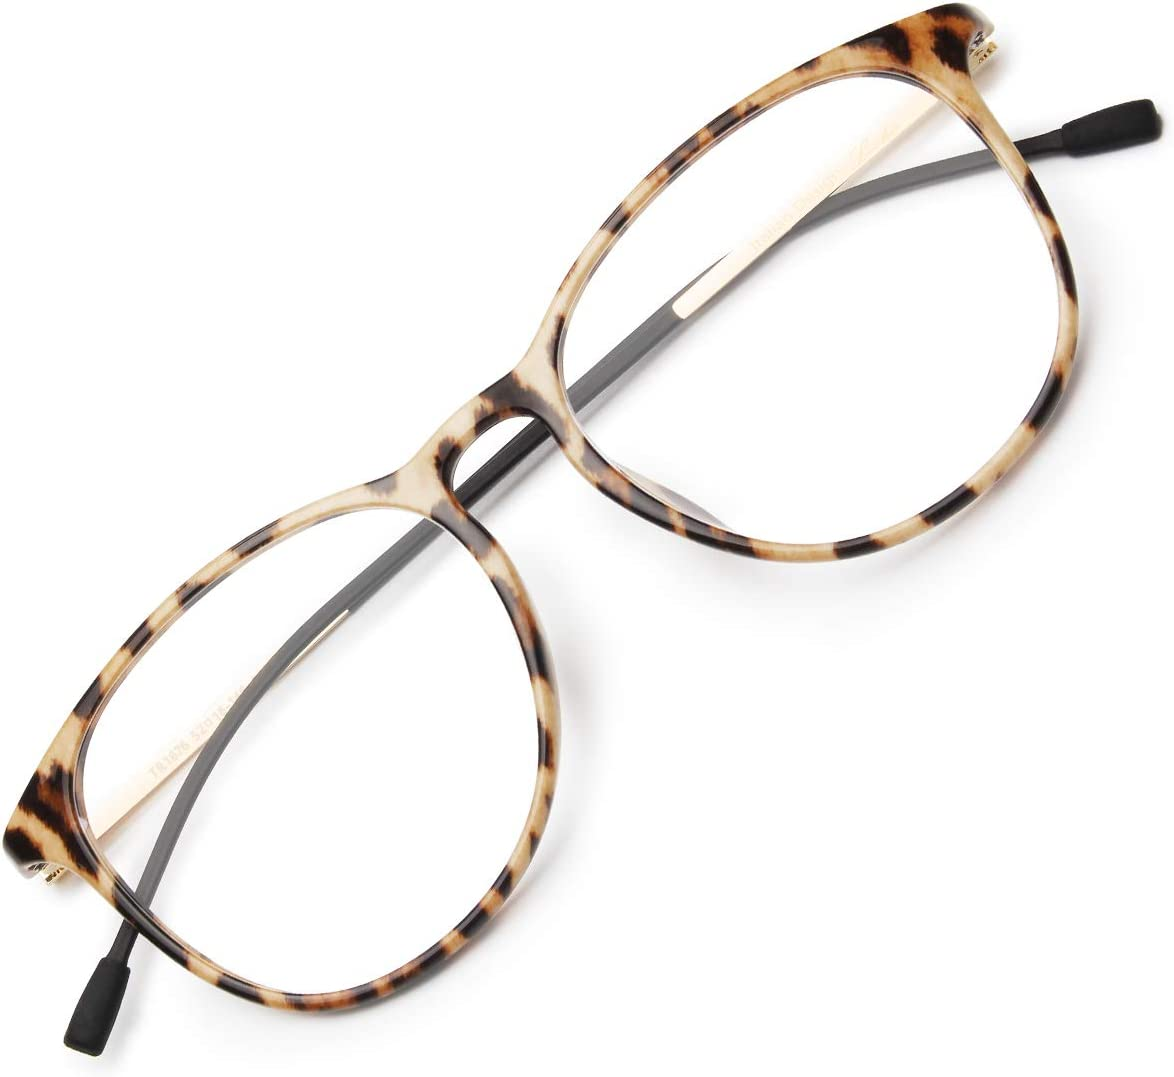 Livho Blue Light Blocking Computer Glasses for Women Men,Anti Eyestrain Blue Light Filter Lens Lightweight TR90 Eyeglasses - 0.0 Magnification (Leopard/Beige/1676-05)